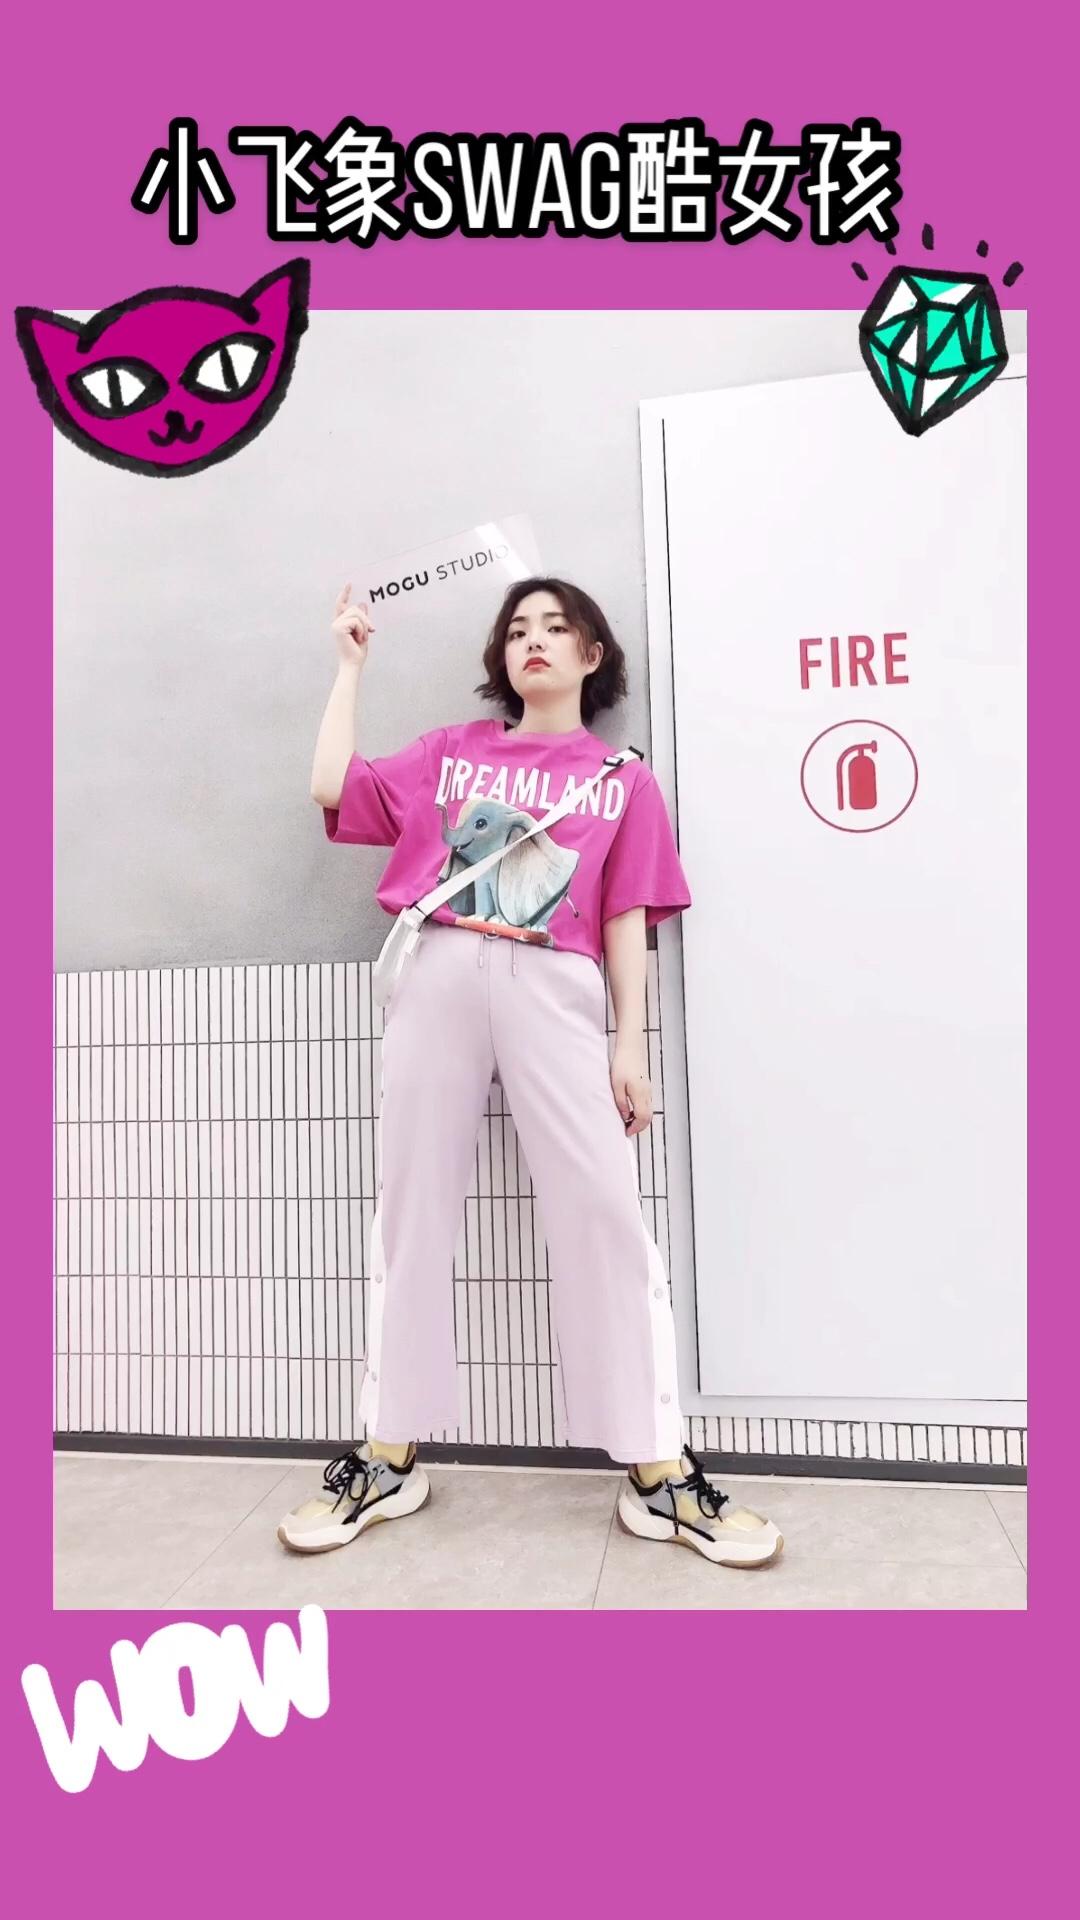 #夏日霸屏T恤就买这几件!# 好喜欢这个颜色,很像青春斗钱贝贝的风格~ 小飞象今年超火的ip,搭配校服裤,cool范儿~